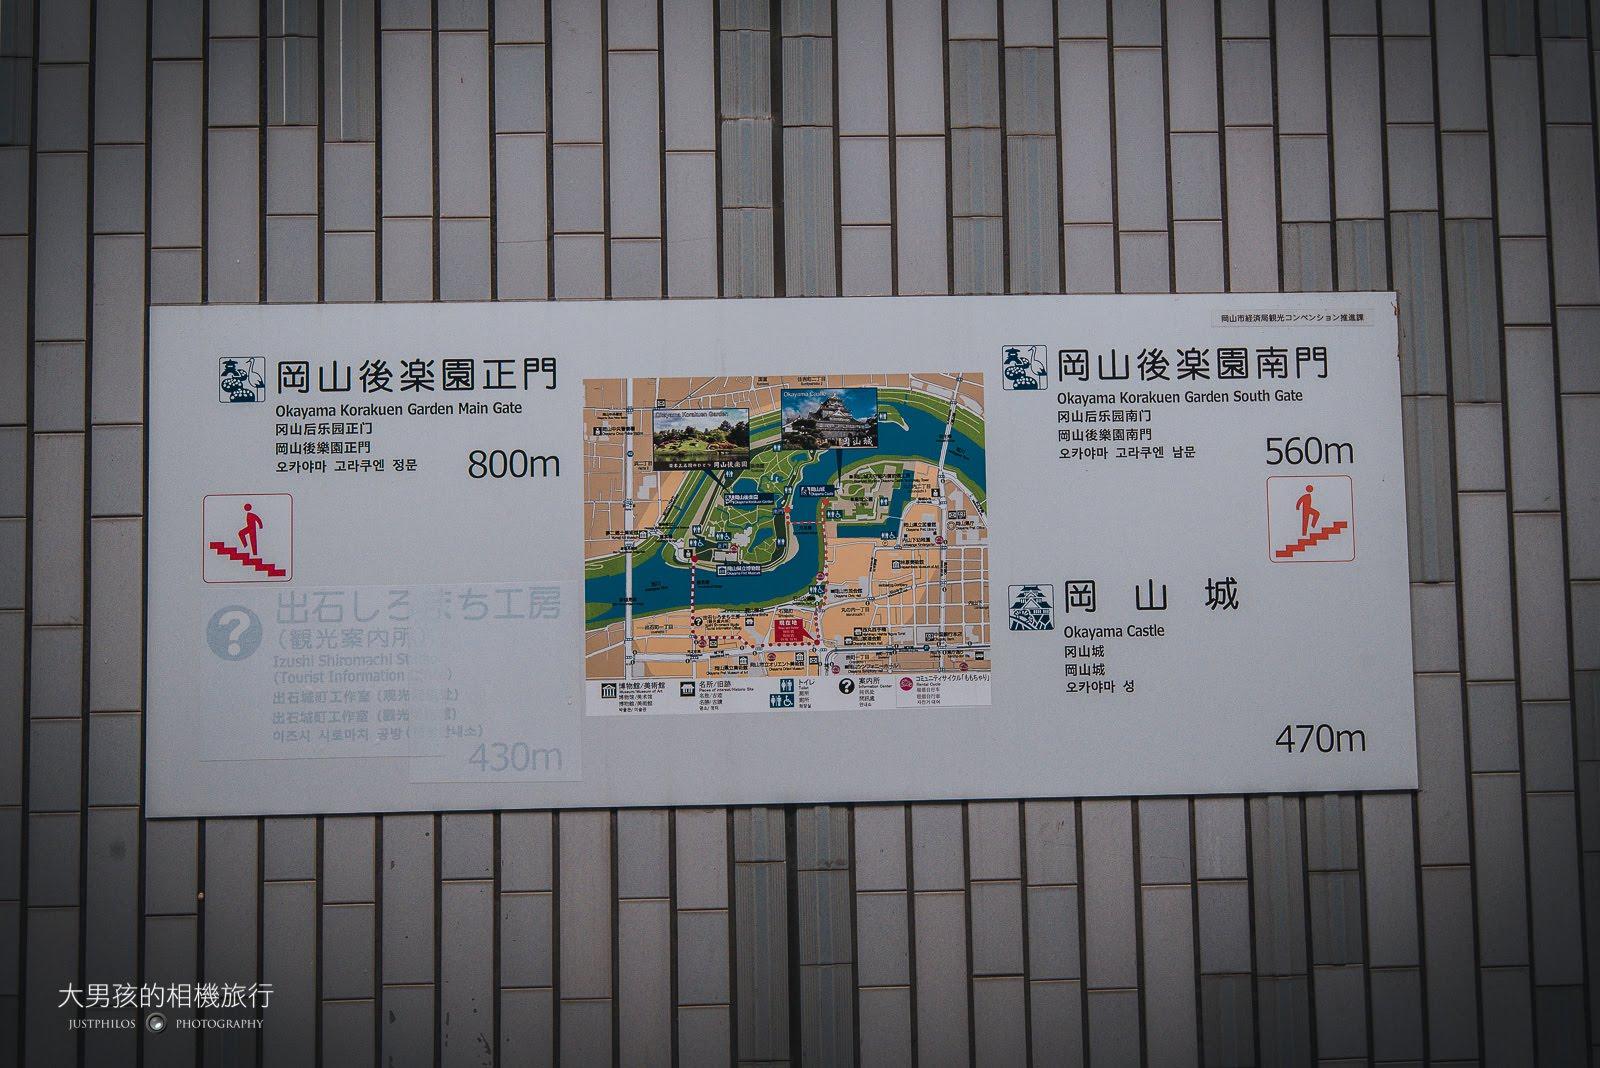 搭乘路面電車下車後,走到岡山程約需10分鐘路程。